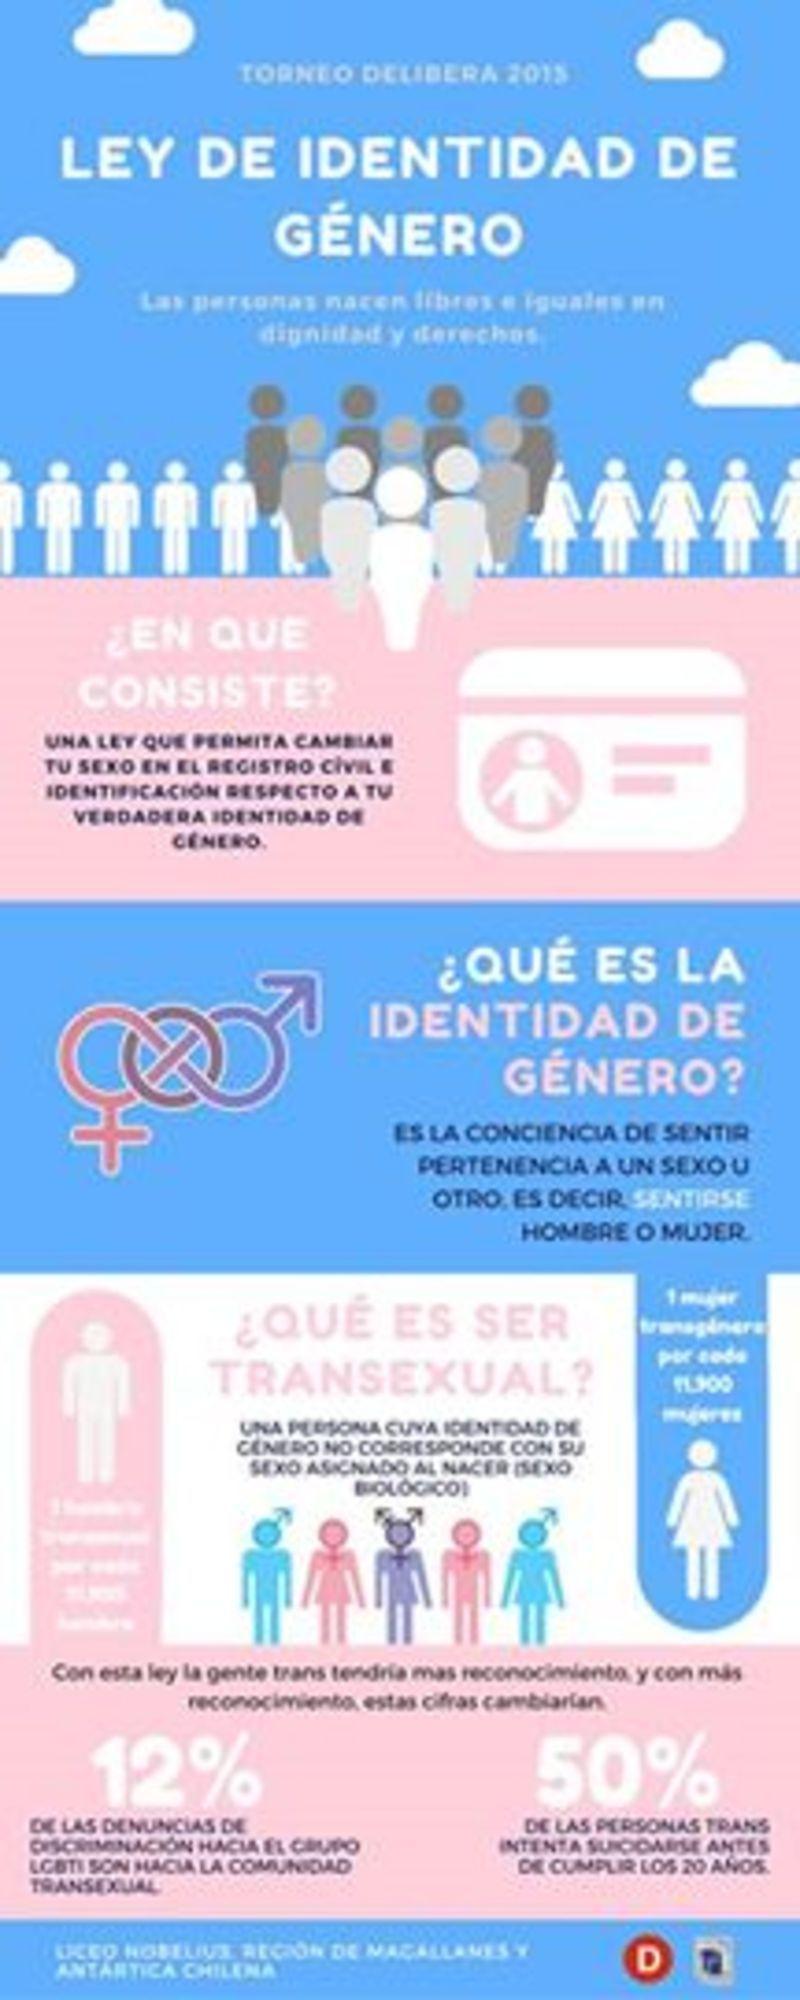 Ley de Identidad de Género Primer Lugar 2015